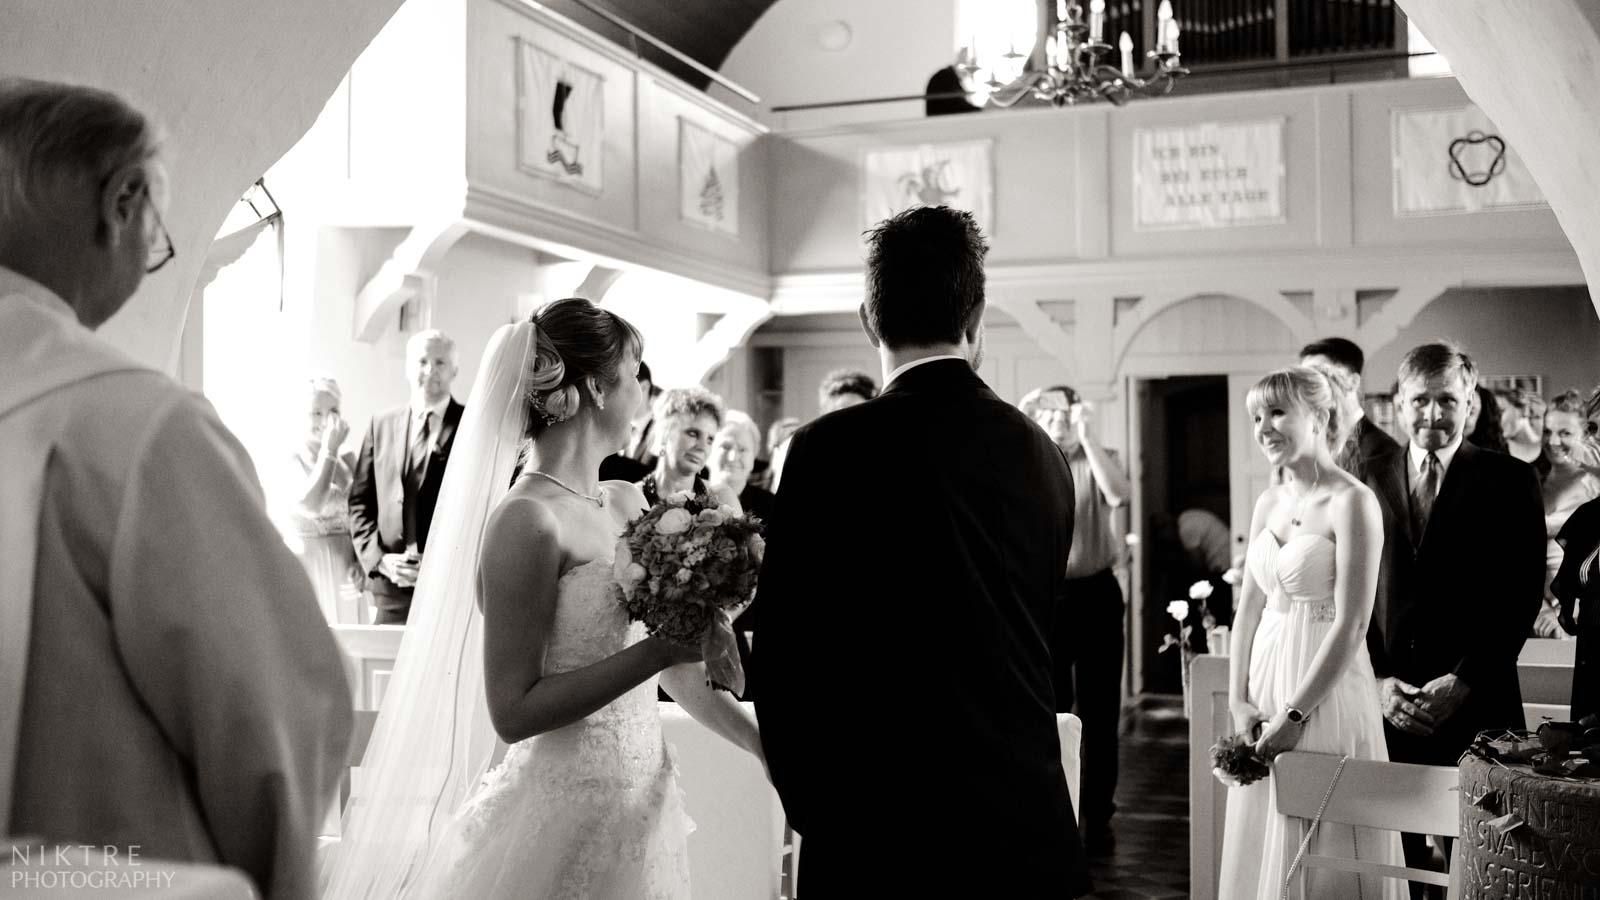 Das Brautpaar dreht sich zu den Gästen in der Kirche